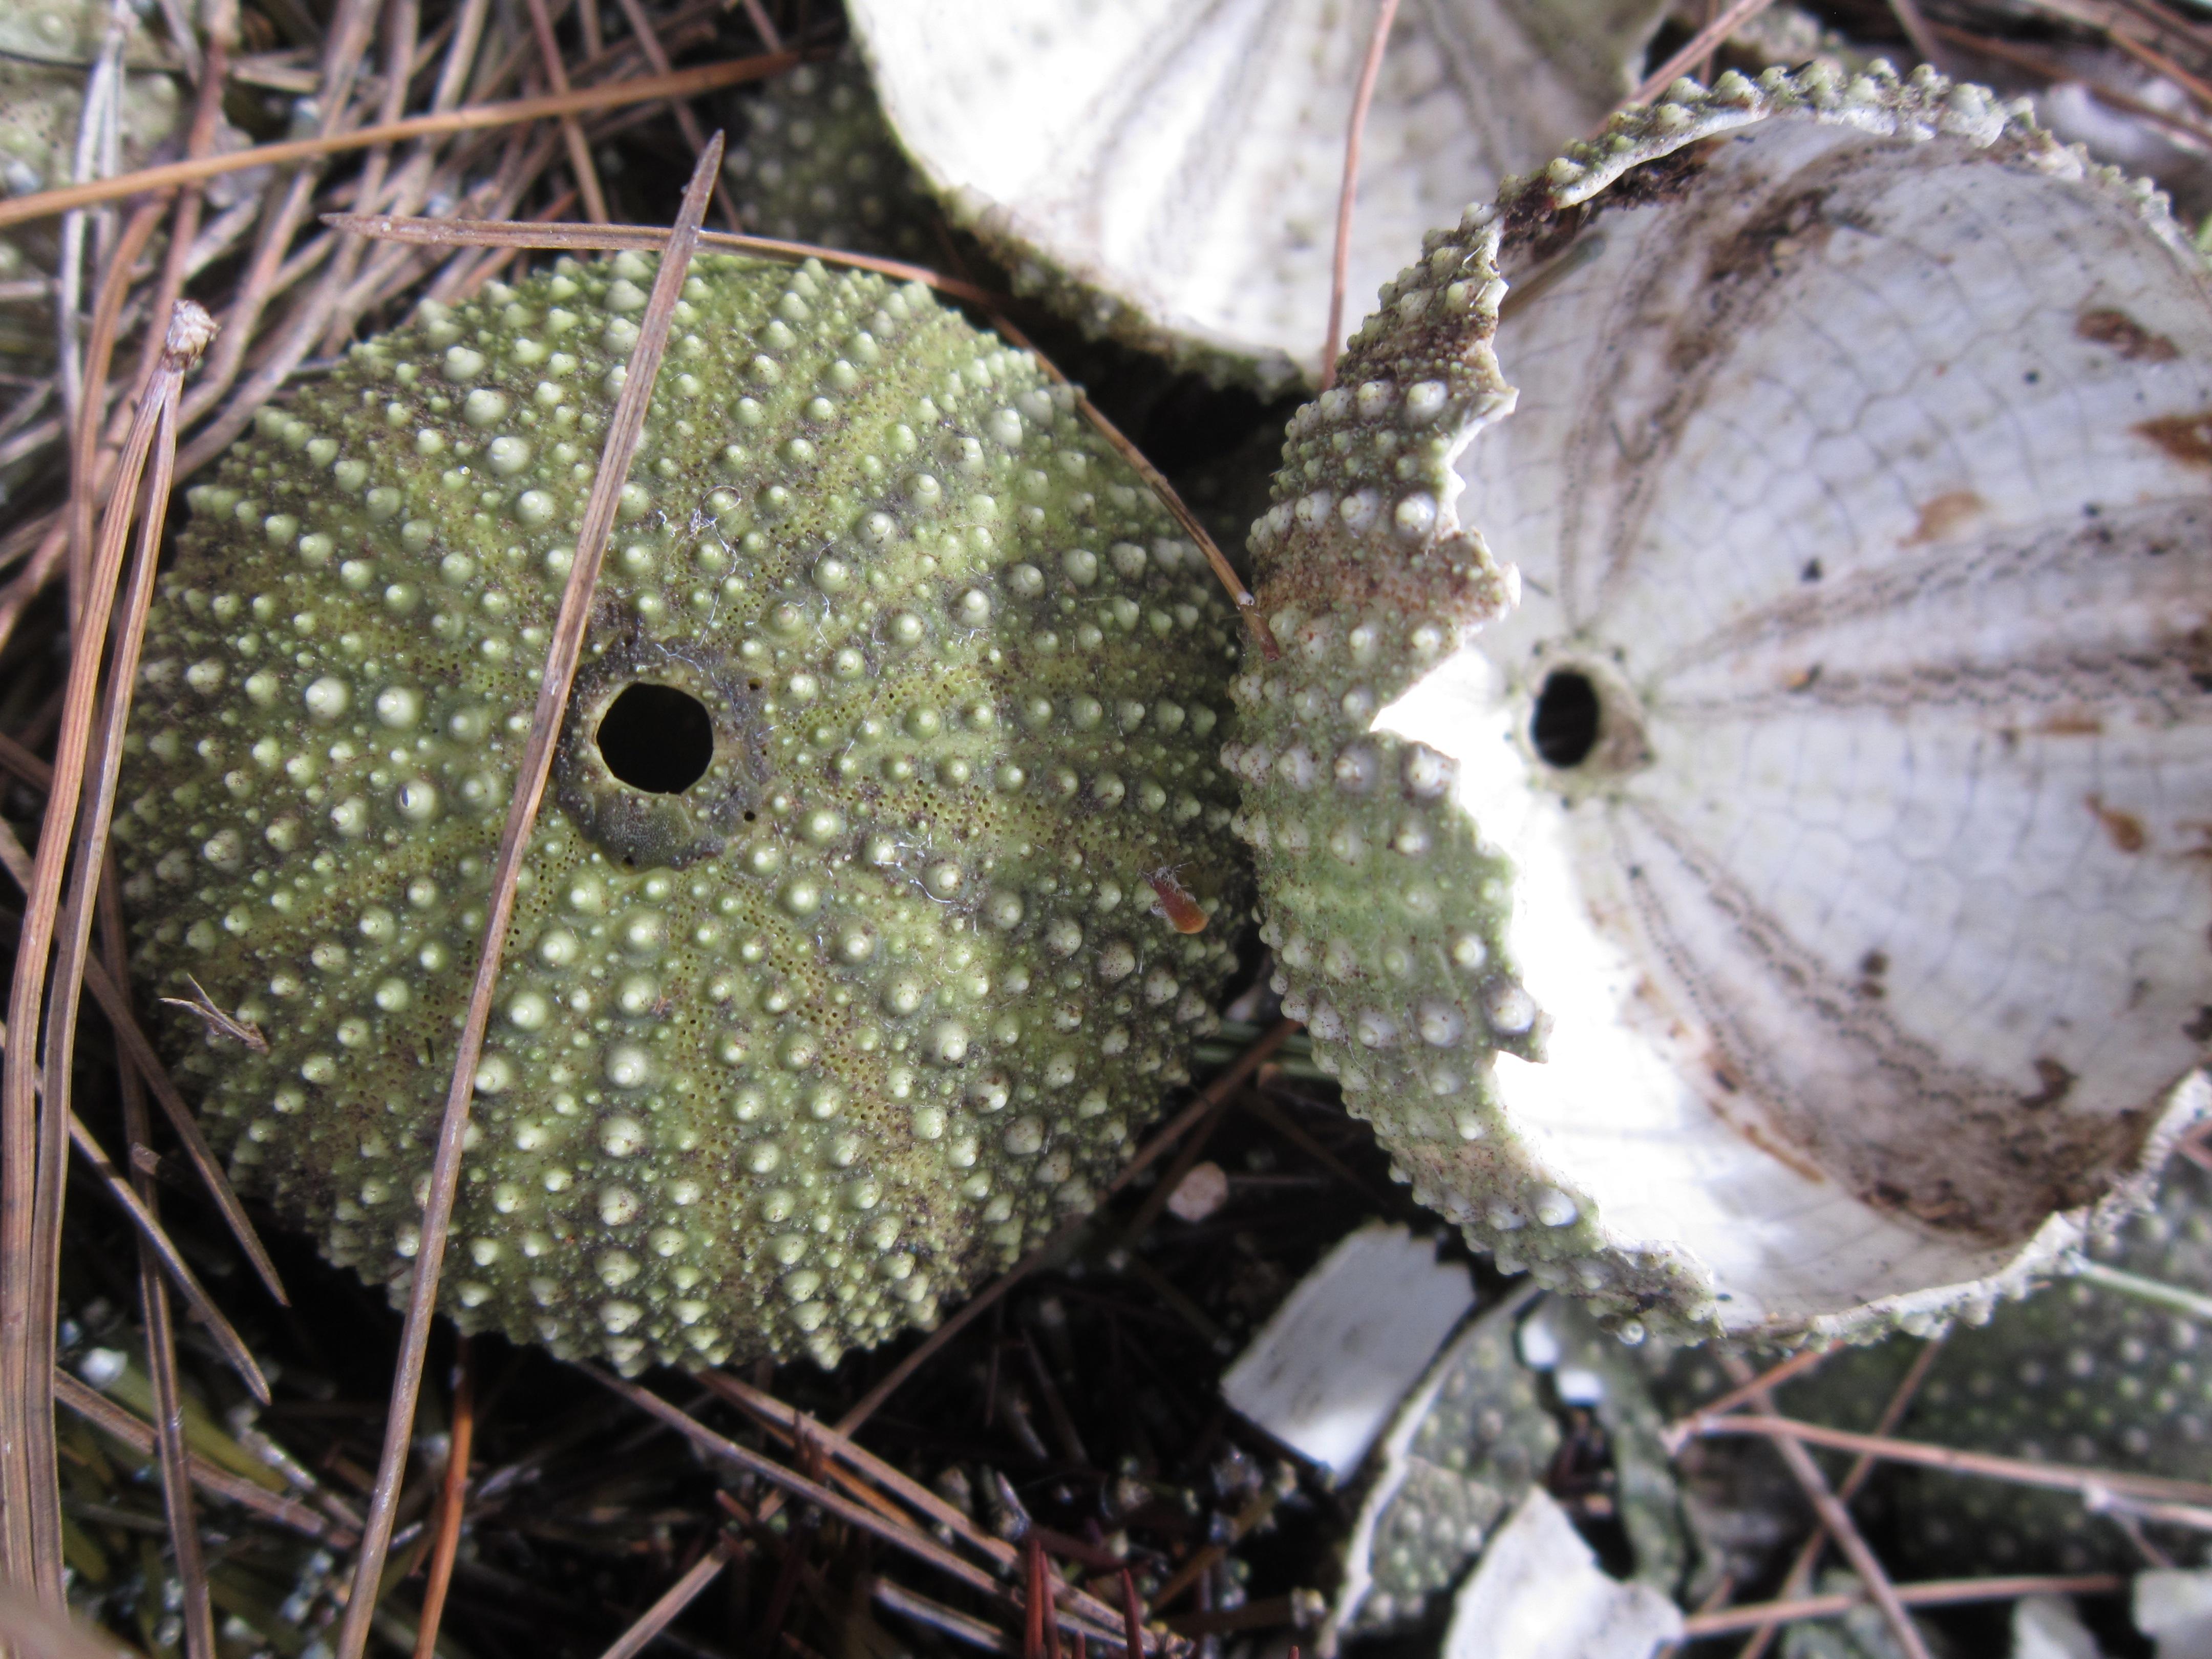 Kostenlose foto : Kaktus, Blatt, Blume, alt, produzieren, Rahmen ...